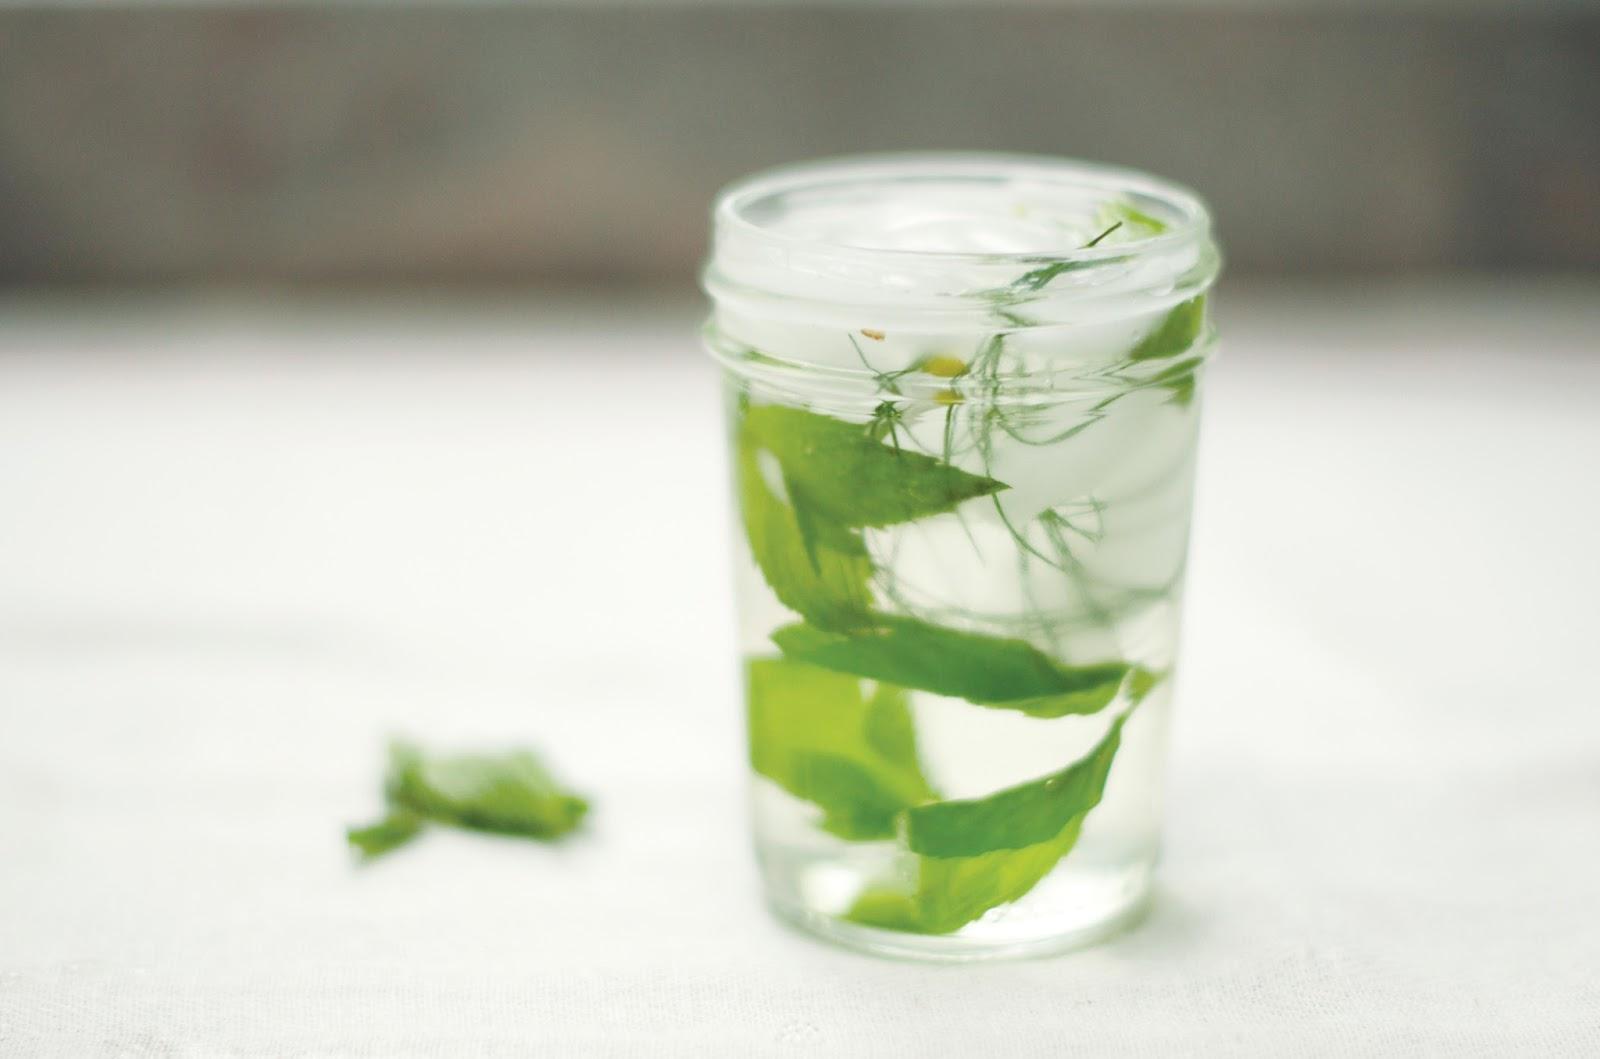 ... mint frosting start the week right real fresh mint tea fresh mint tea